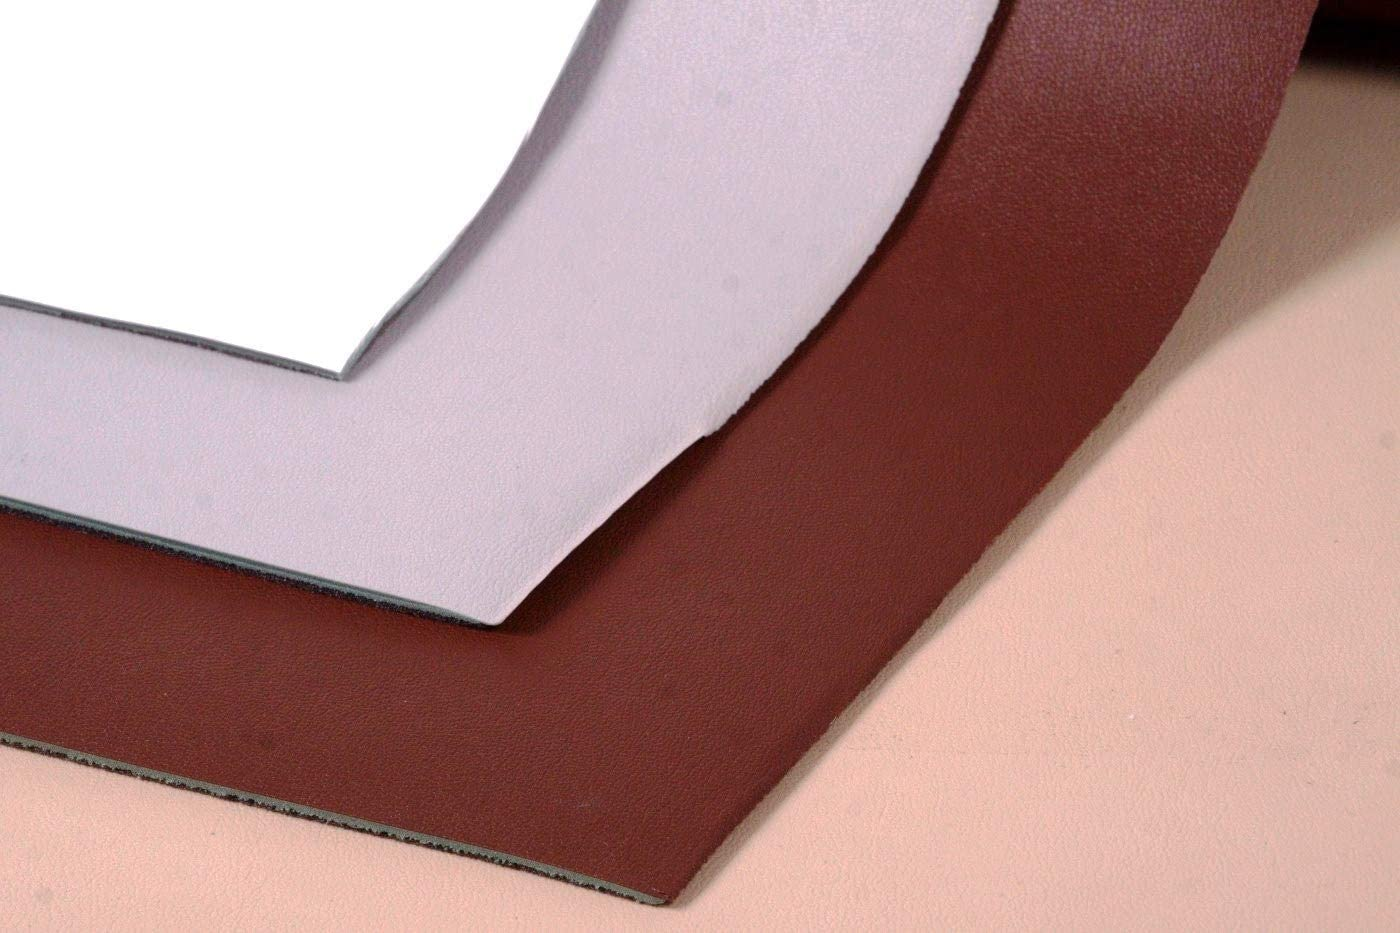 Fonac Aislamiento ac/ústico para puertas Gris Doors 2 x 0.92 m